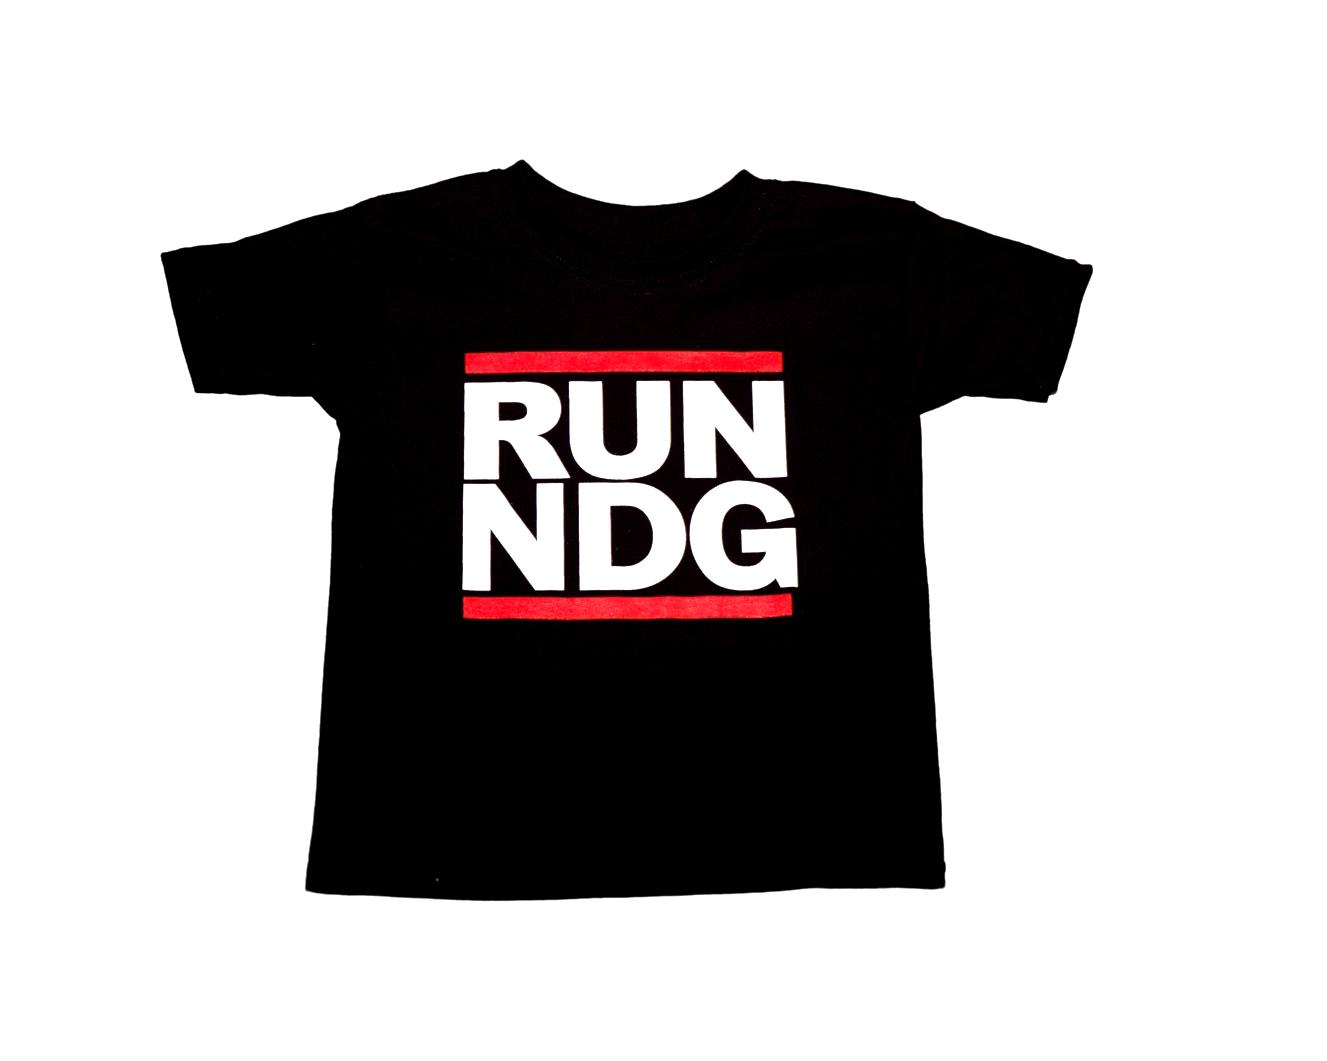 RunNDG24 copy.jpg